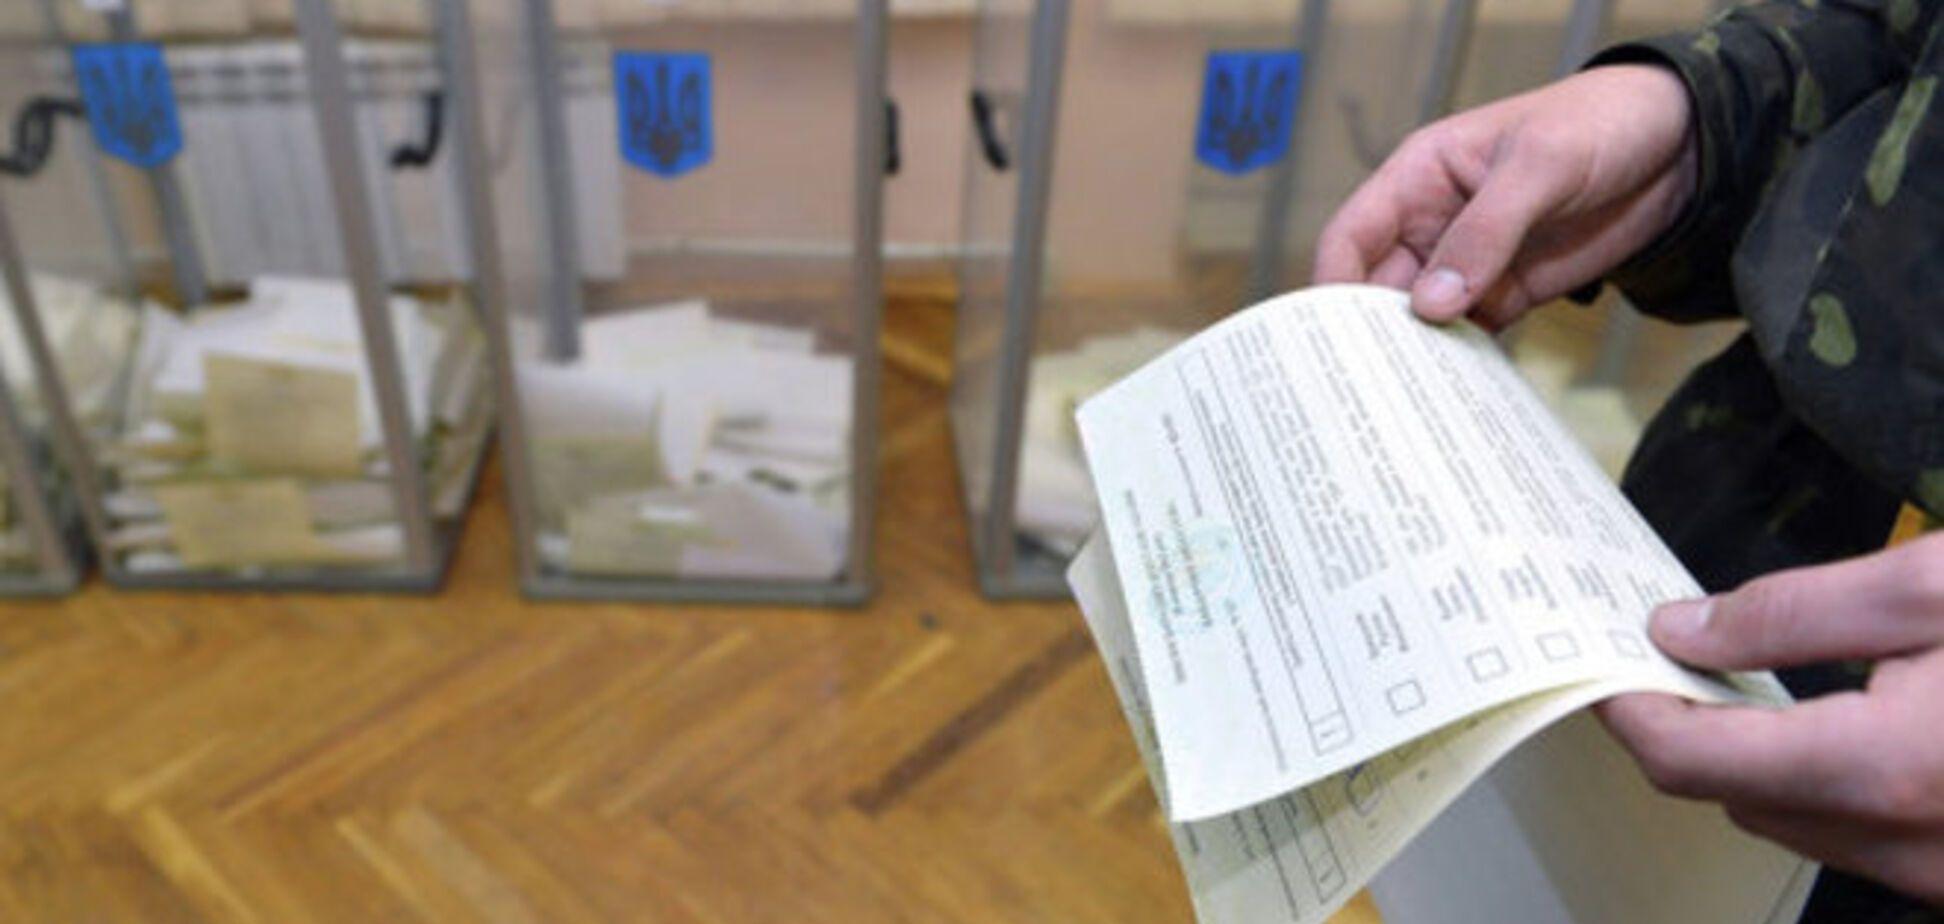 Сельские головы на Луганщине пытаются сорвать выборы